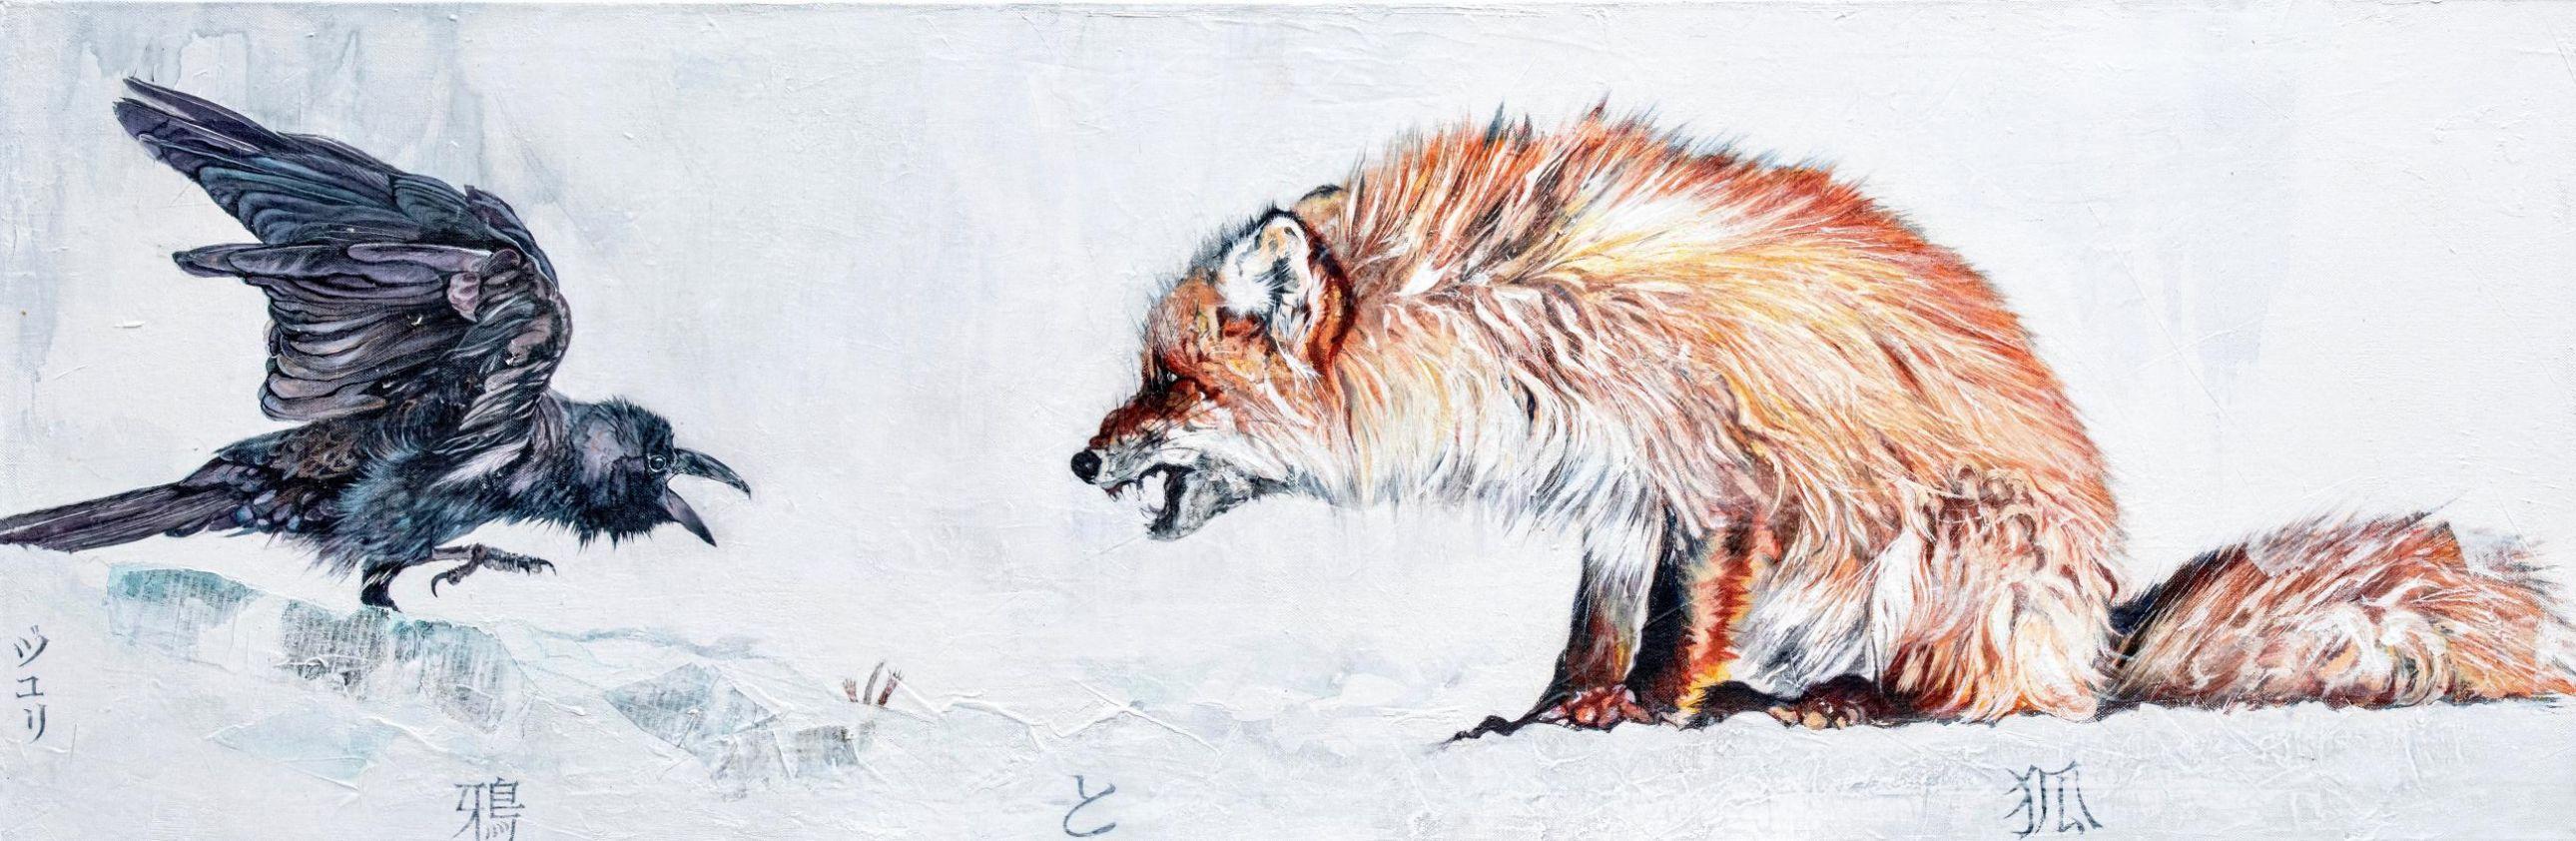 corbeau-renard.jpg